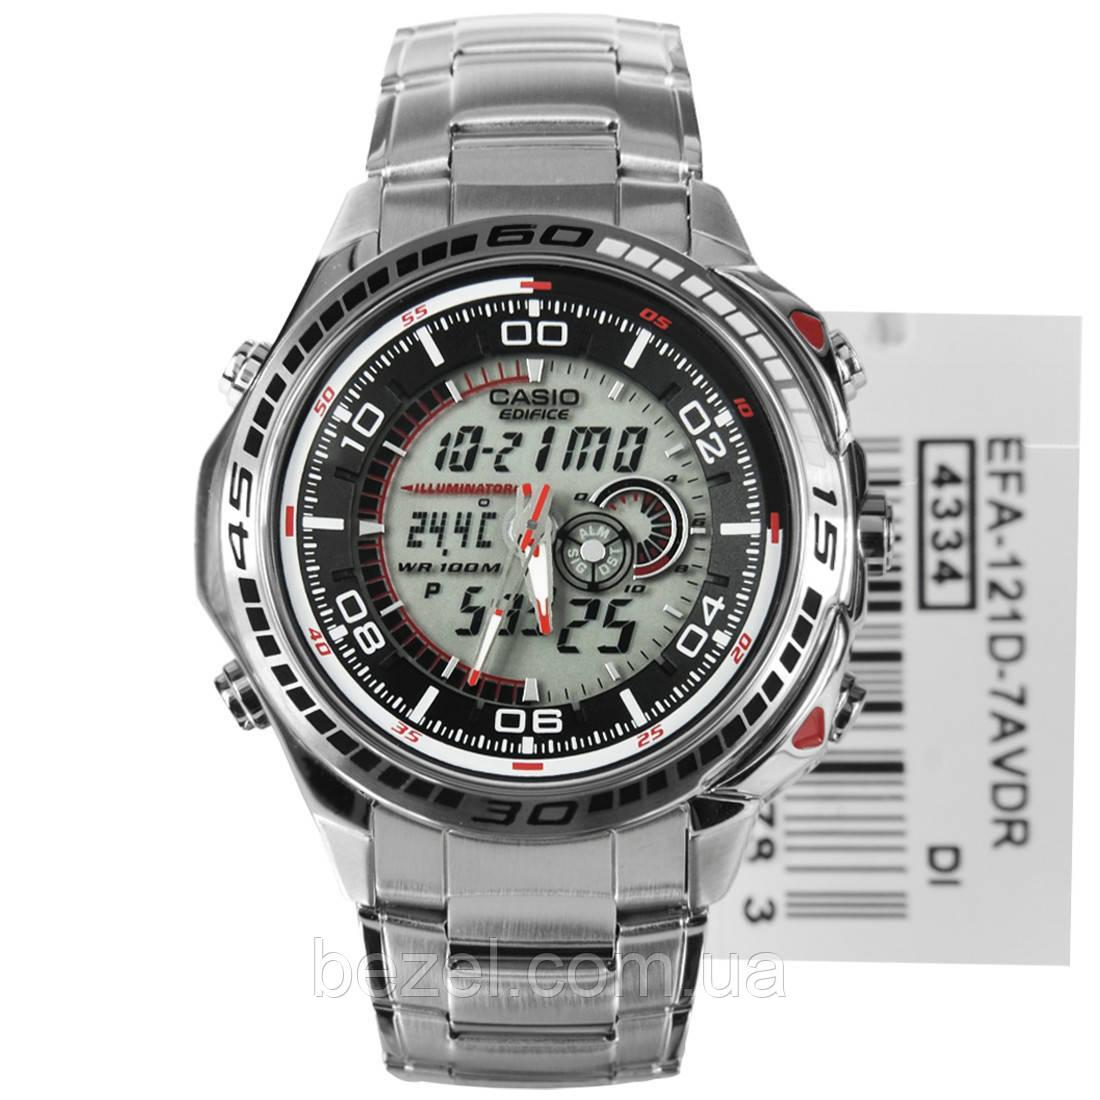 Мужские часы CASIO Edifice EFA-121D-7